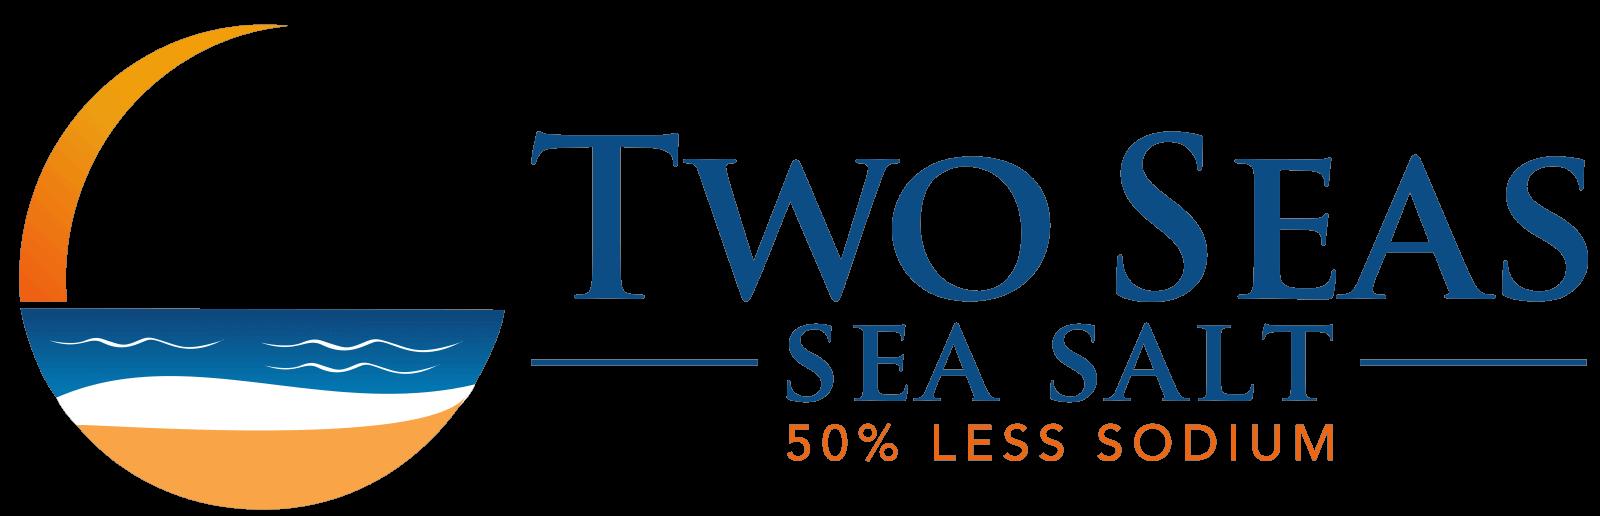 TWO SEAS SEA SALT®